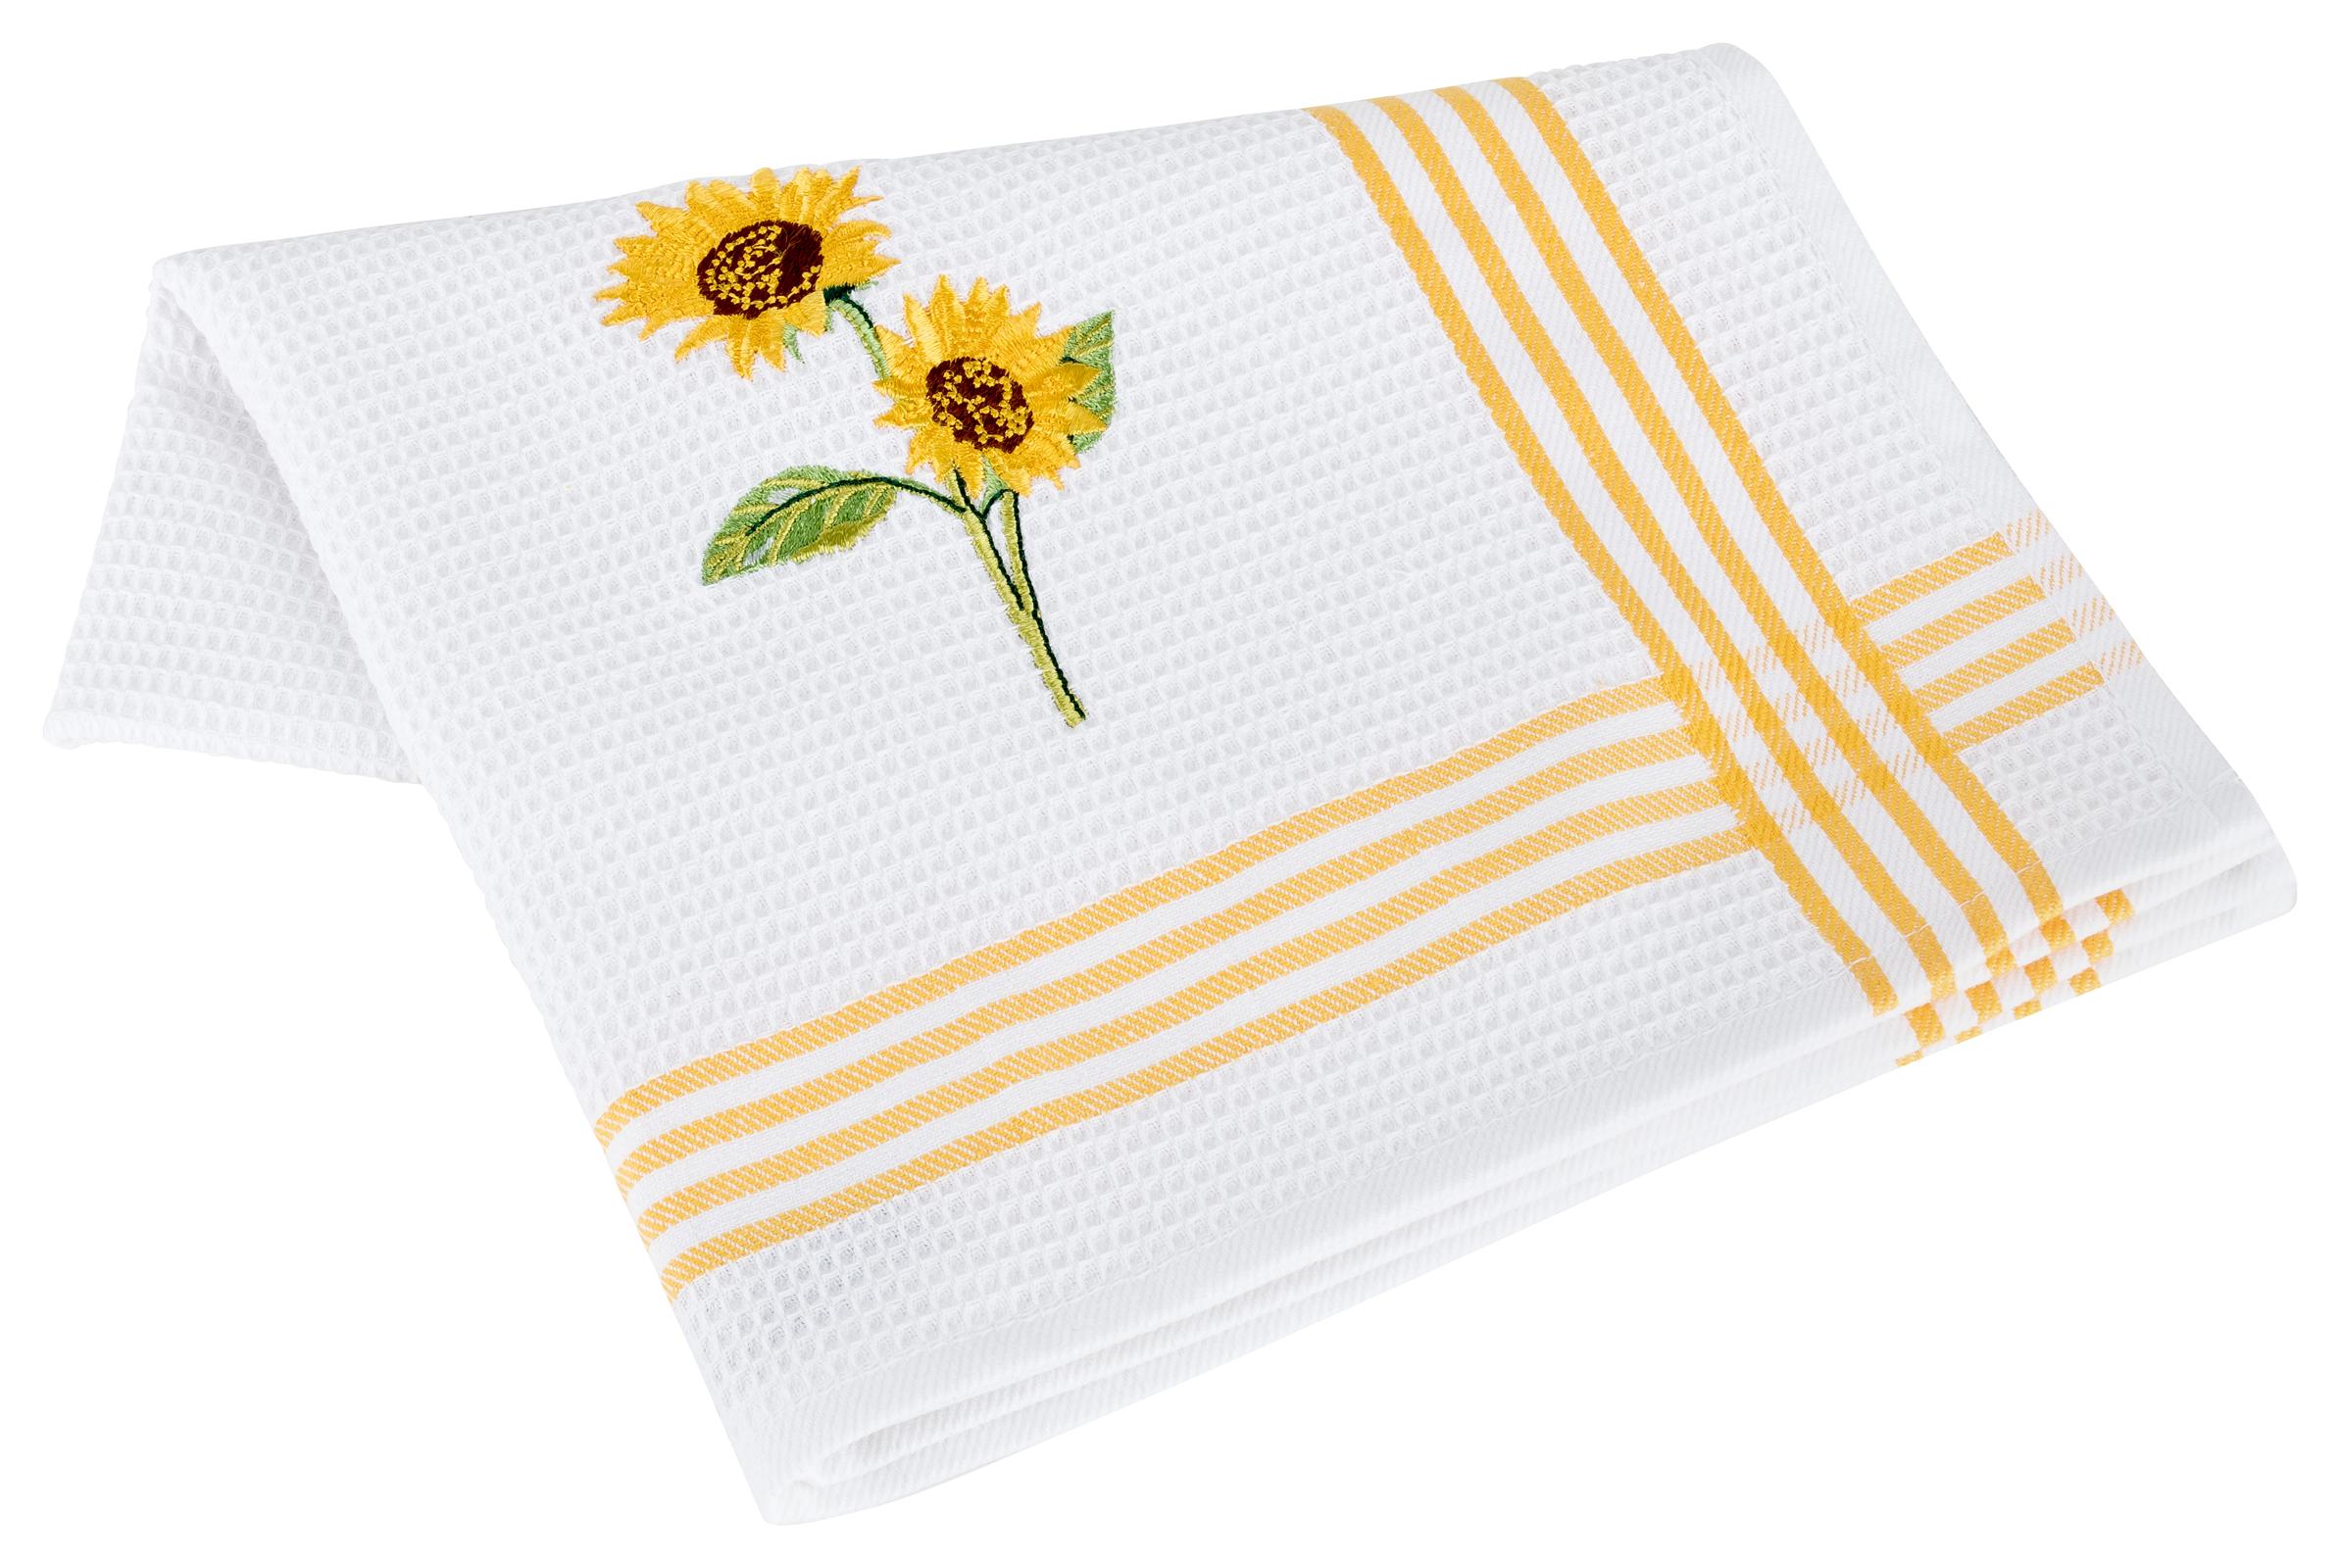 Küchentextilien - Kracht 2er Pack Geschirrtücher Küchenhandtuch Waffelpicquet 100 Baumwolle bestickt 4 422 00 Sonnenblume  - Onlineshop PremiumShop321